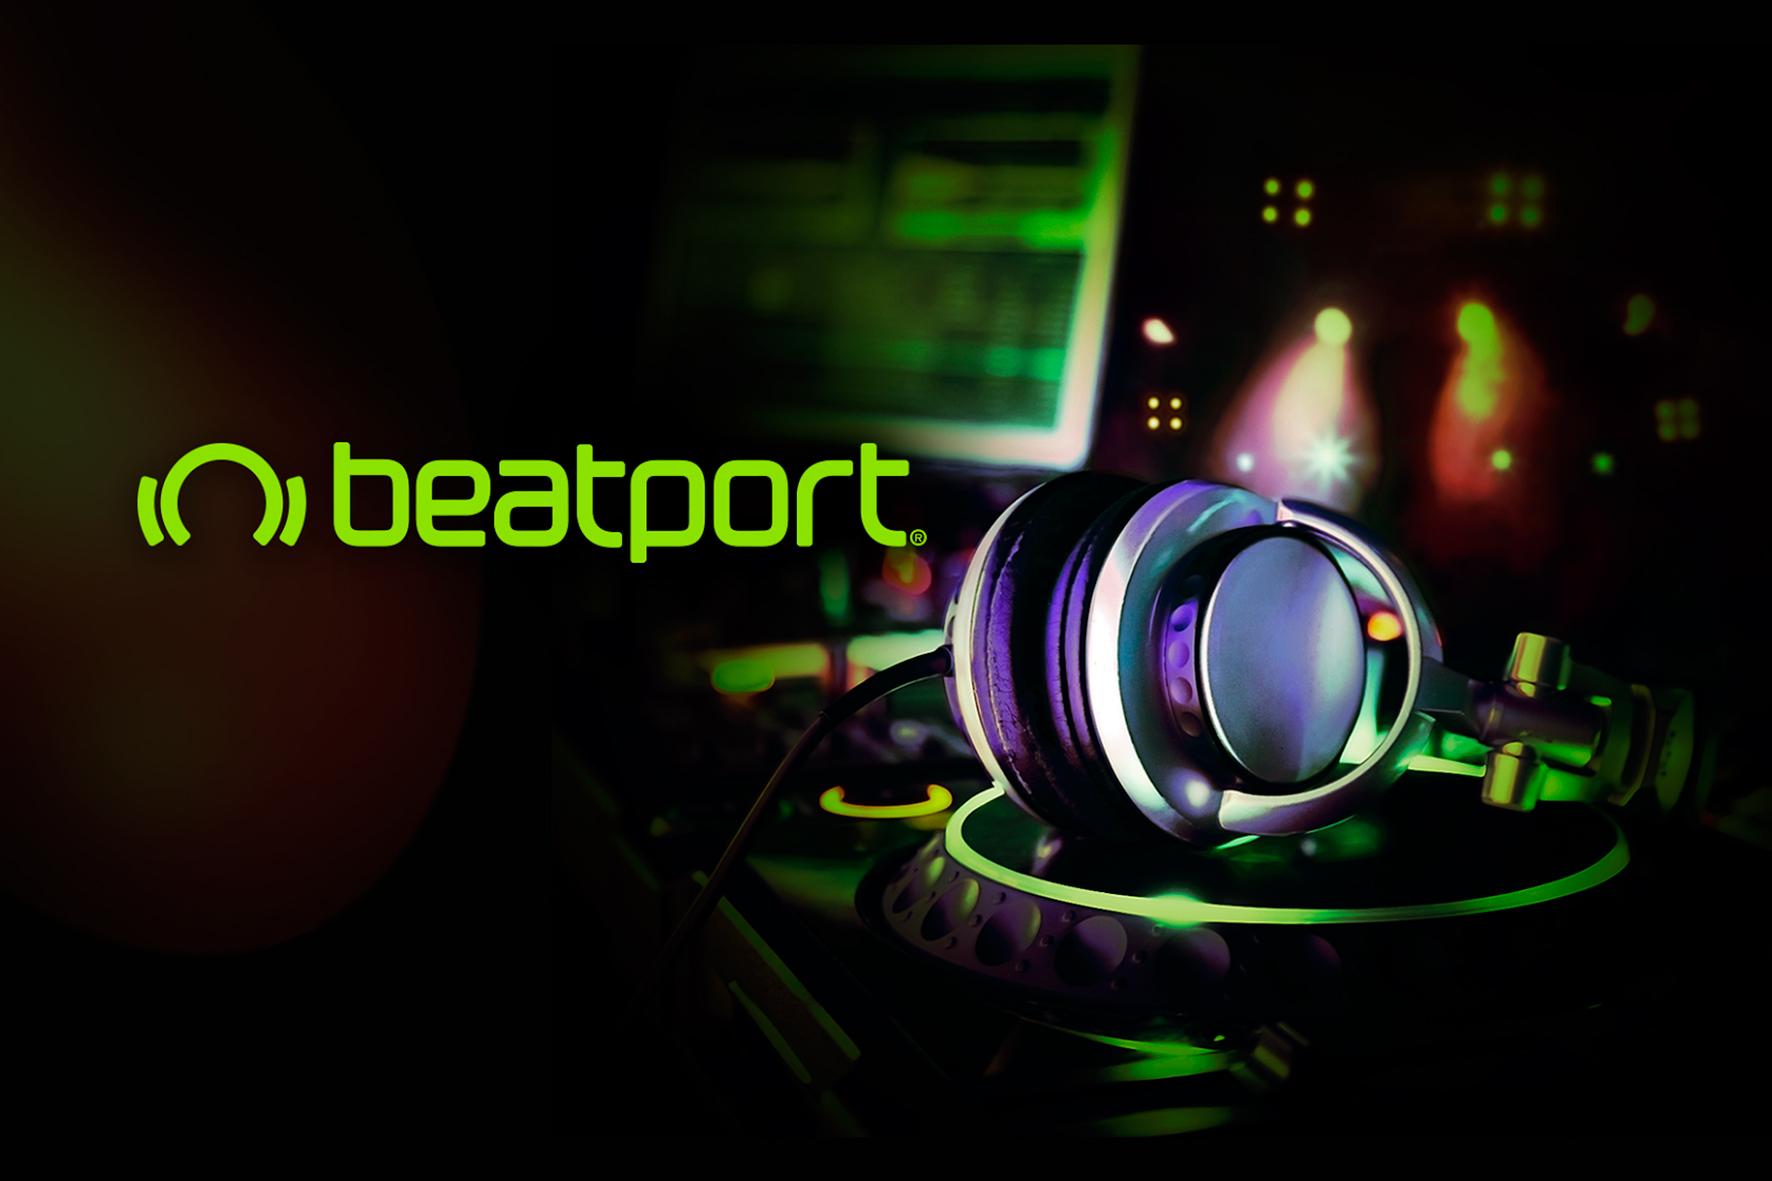 beatport-lanzara-en-2015-un-nuevo-servicio-gratuito-de-streaming-musical-compuadvance22